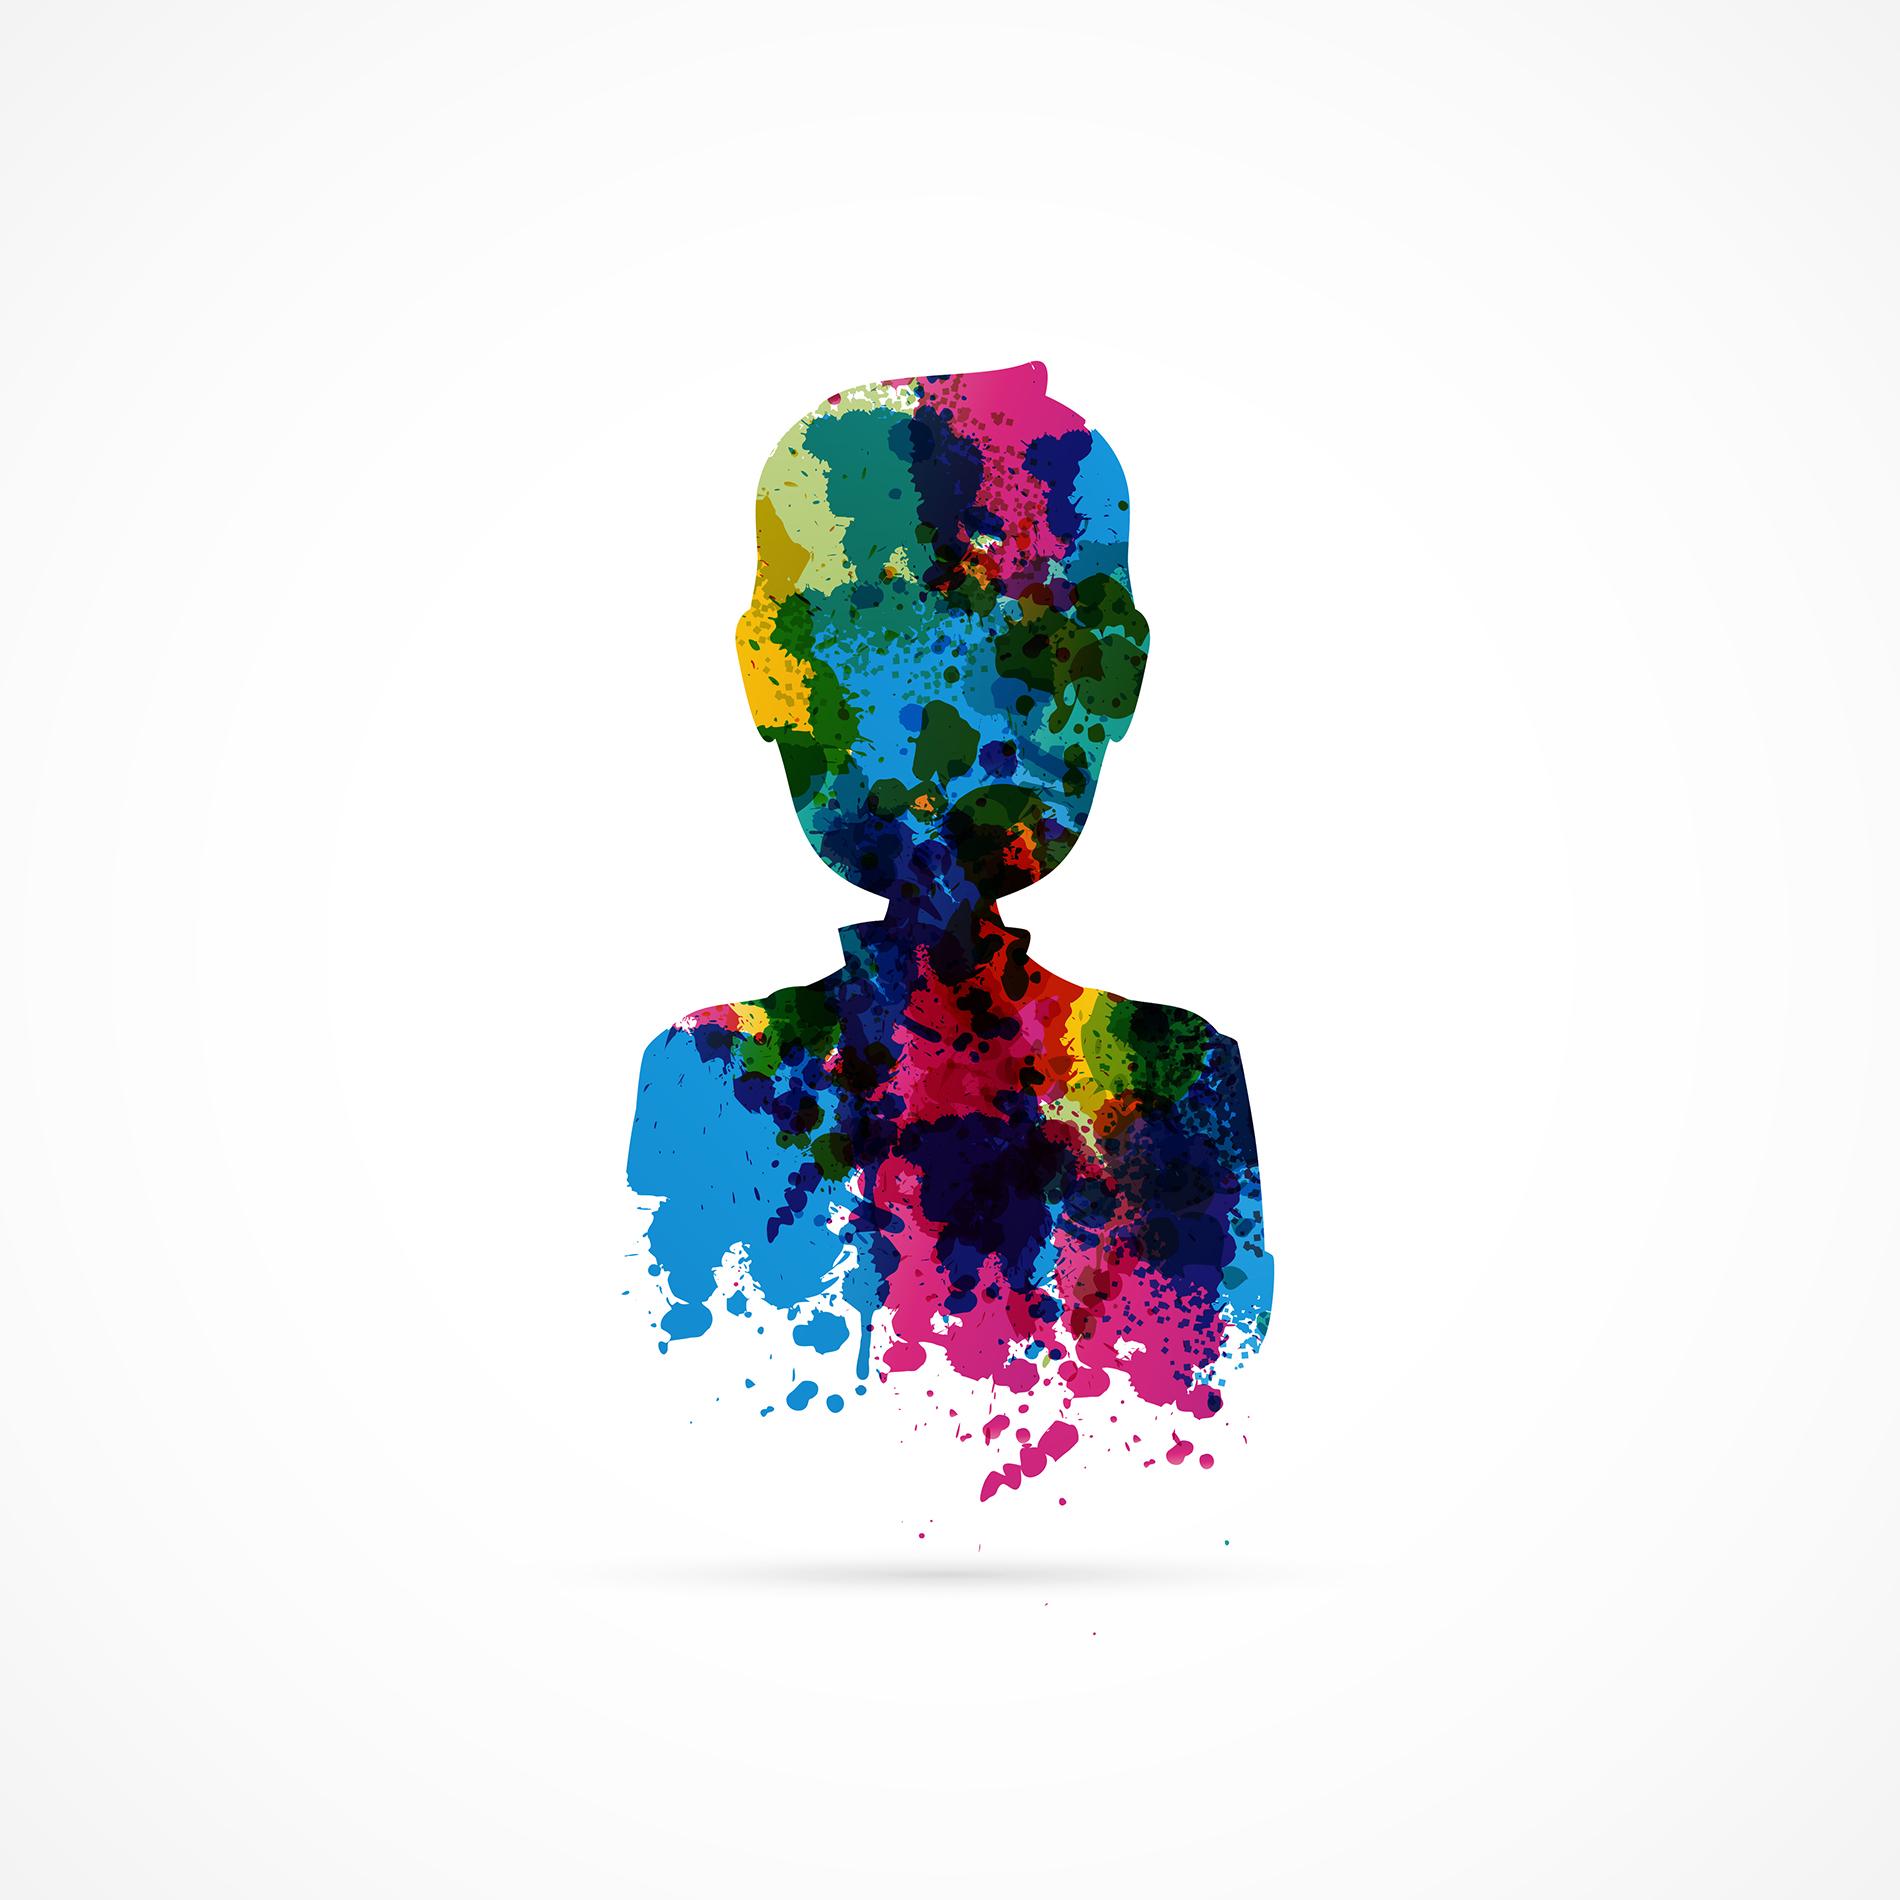 Värikkäistä maaliläikistä koostunut ihmisen hahmo